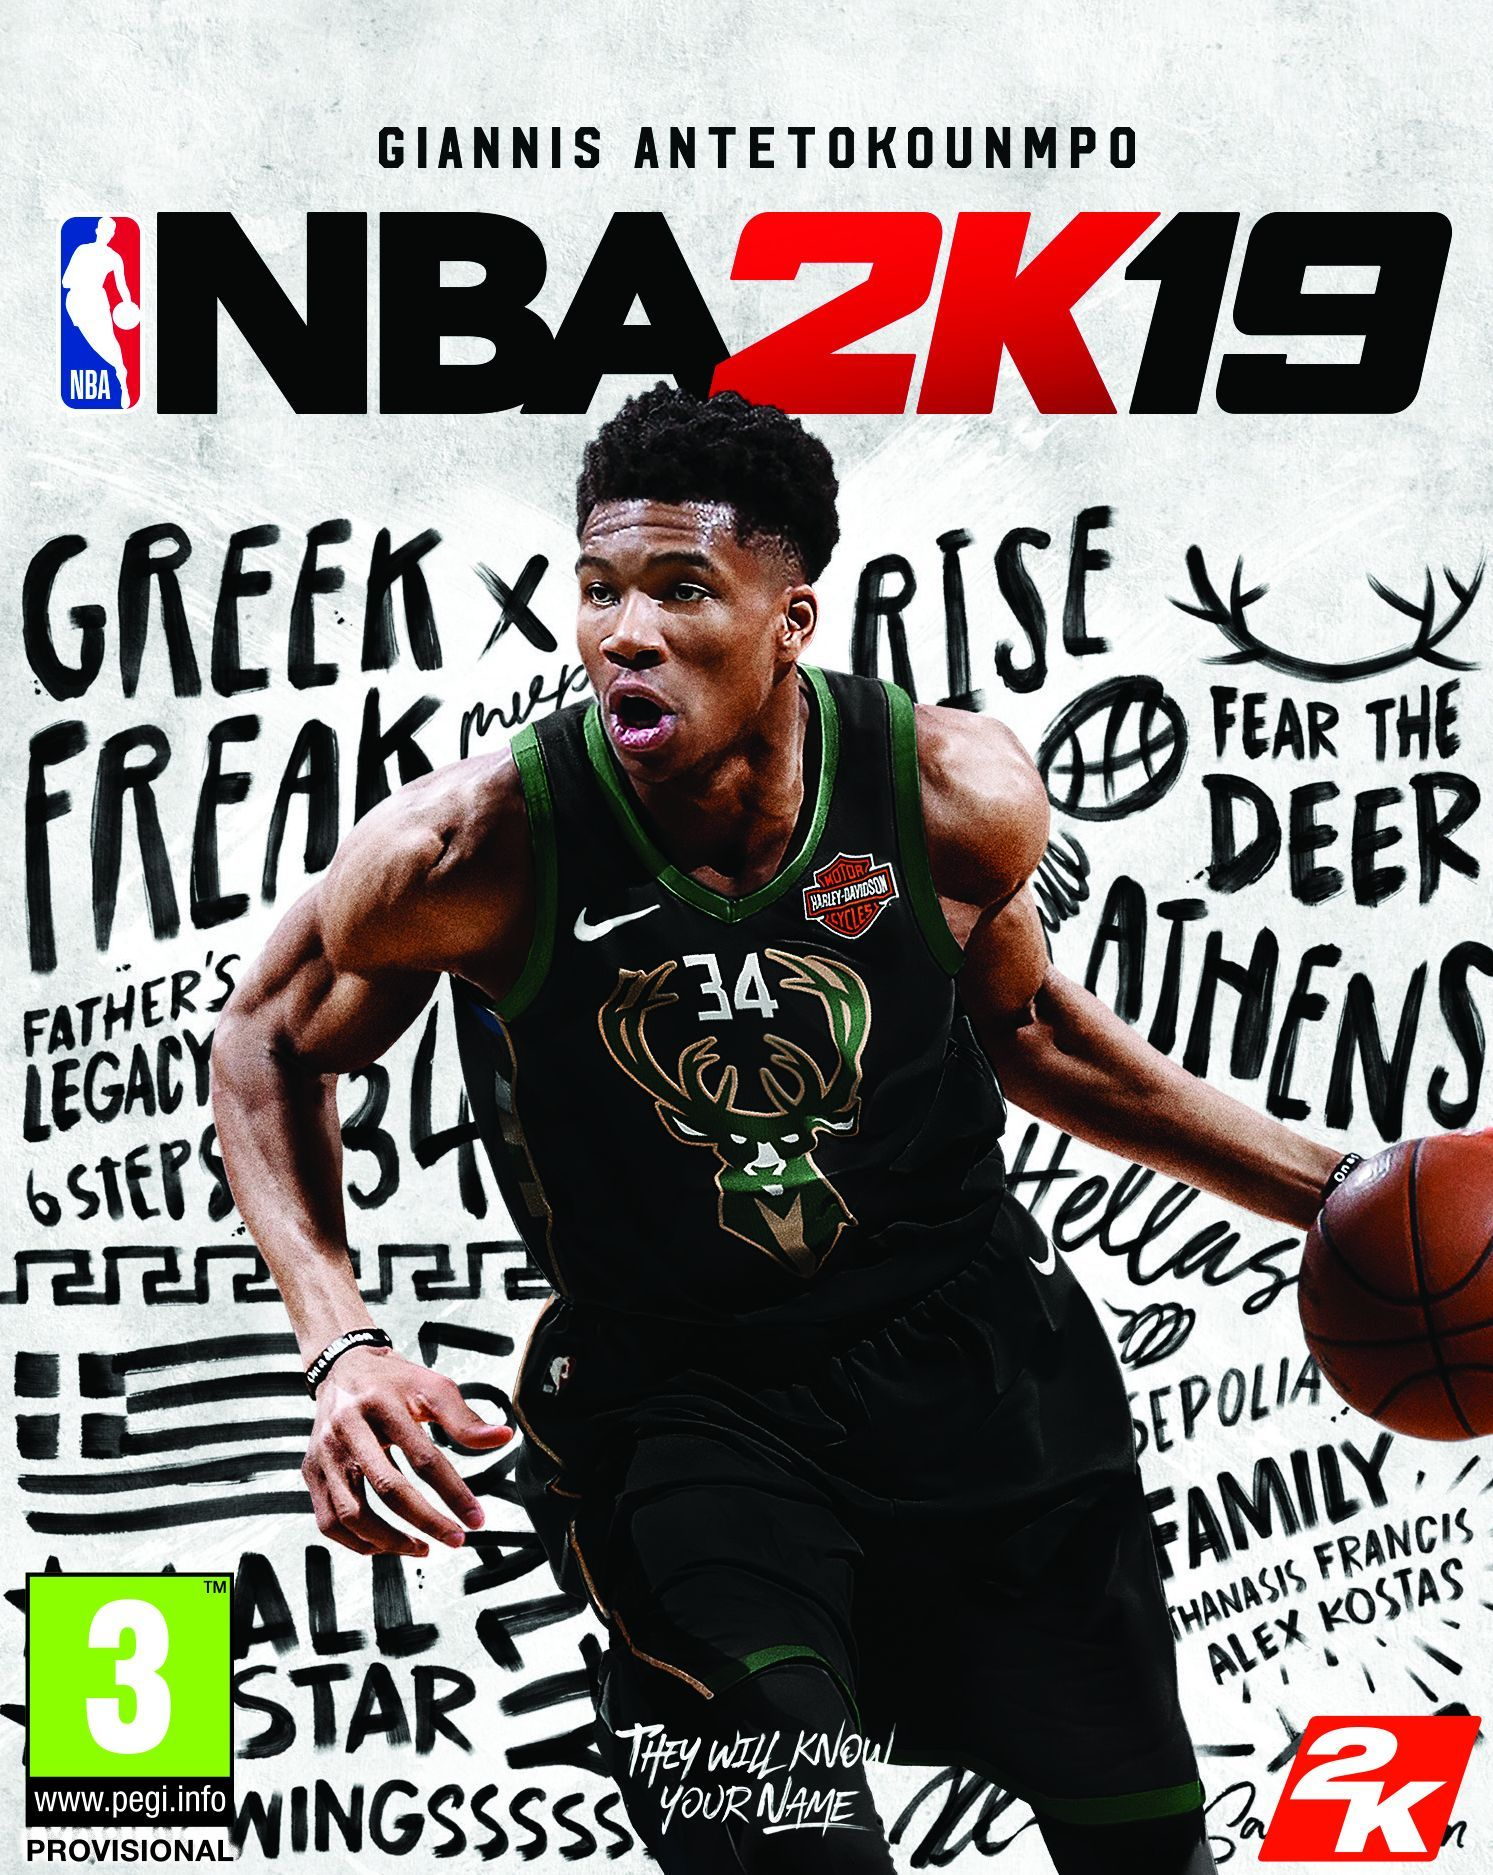 NBA 2K19 (PC) - Code-In-A-Box - 1